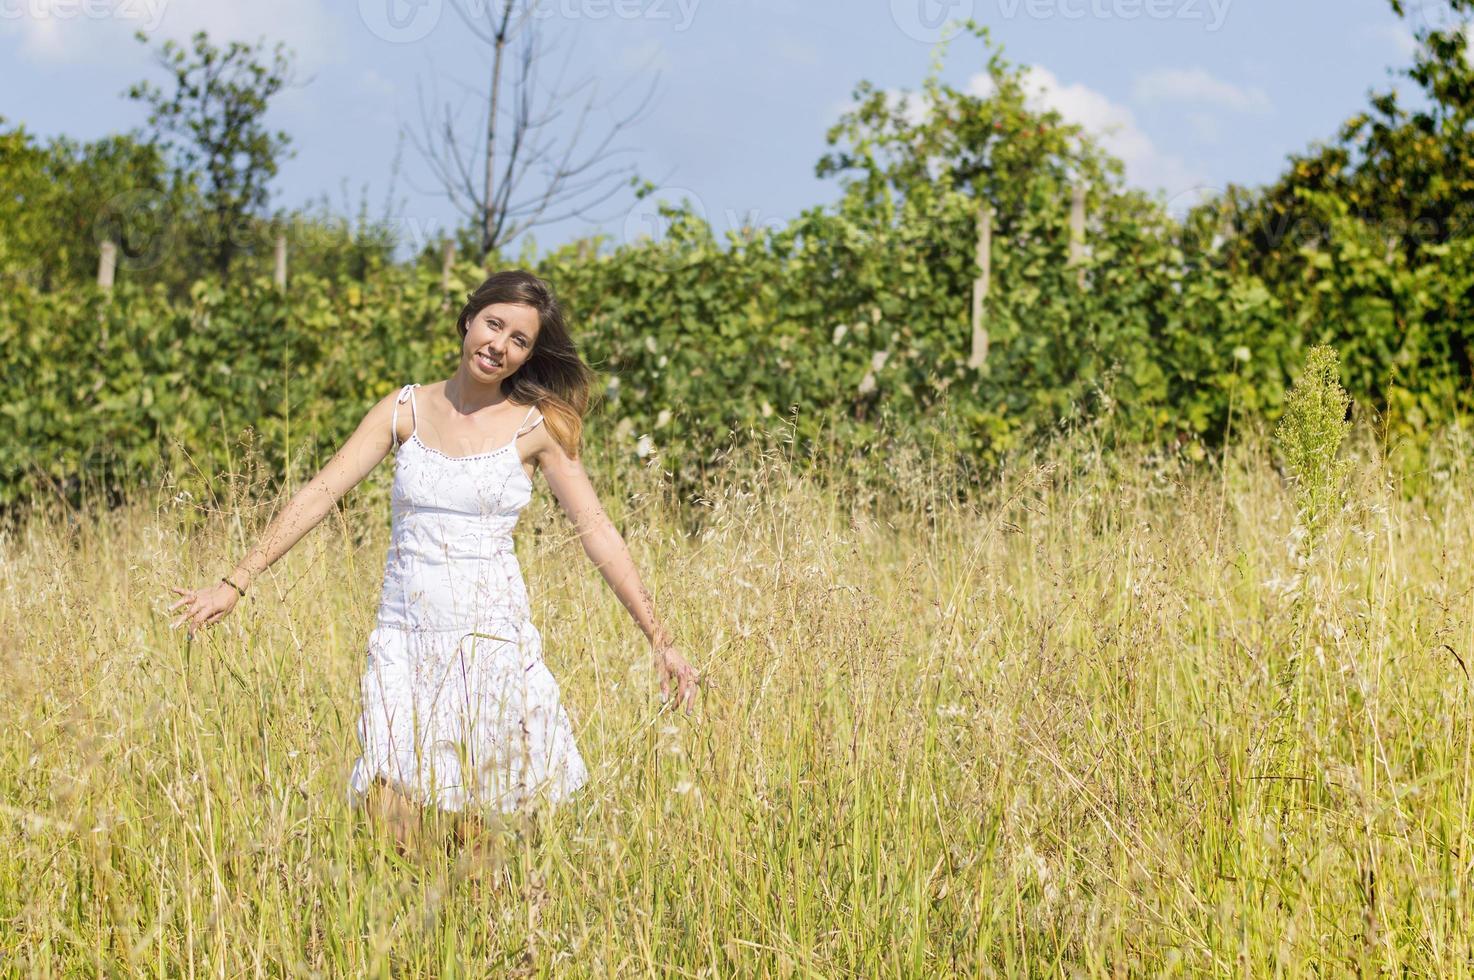 jonge vrouw in het veld dragen witte jurk foto